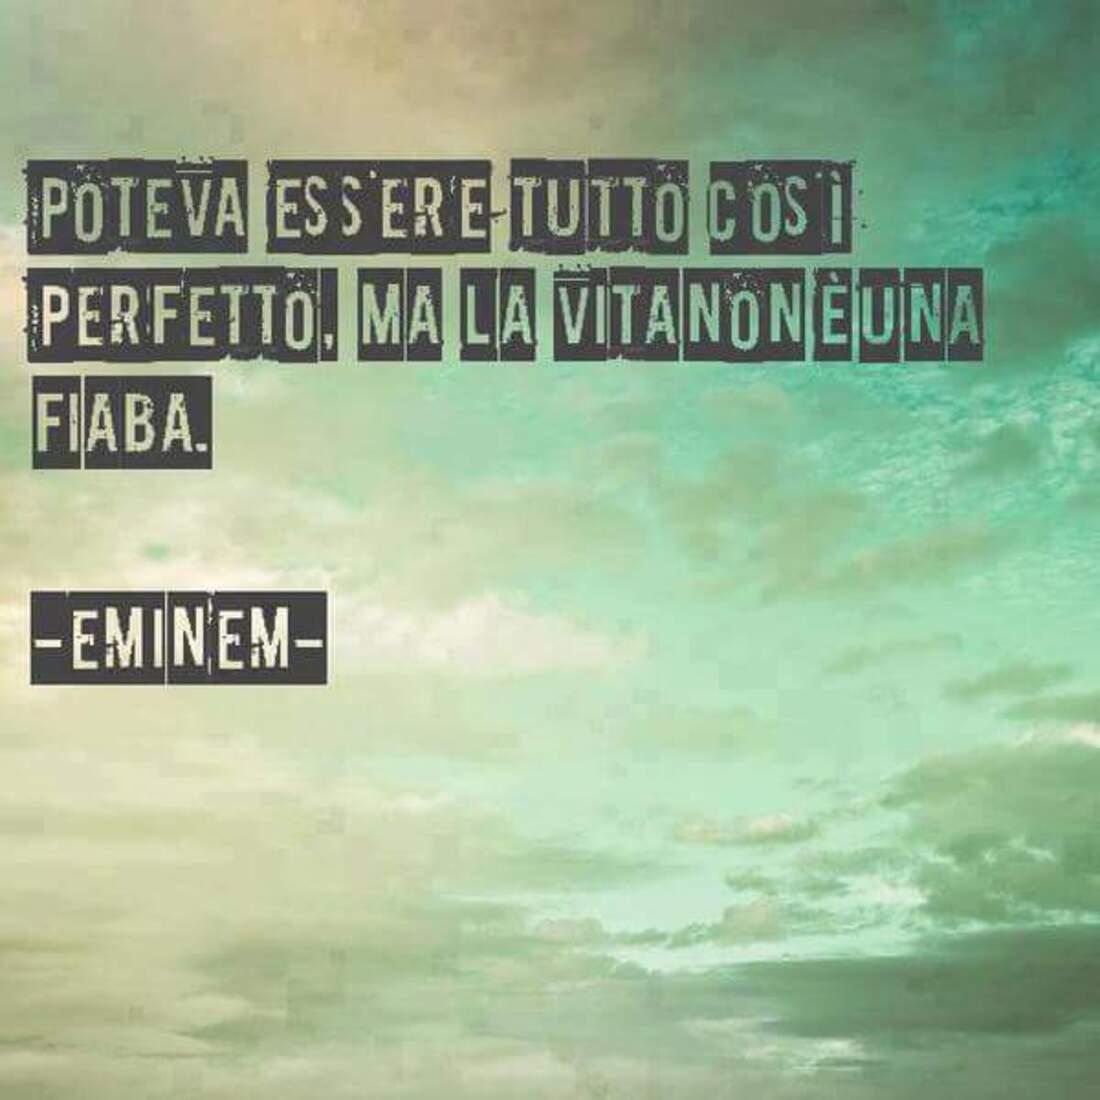 """""""Poteva essere tutto così perfetto. Ma la vita non è una fiaba."""" - Eminem"""